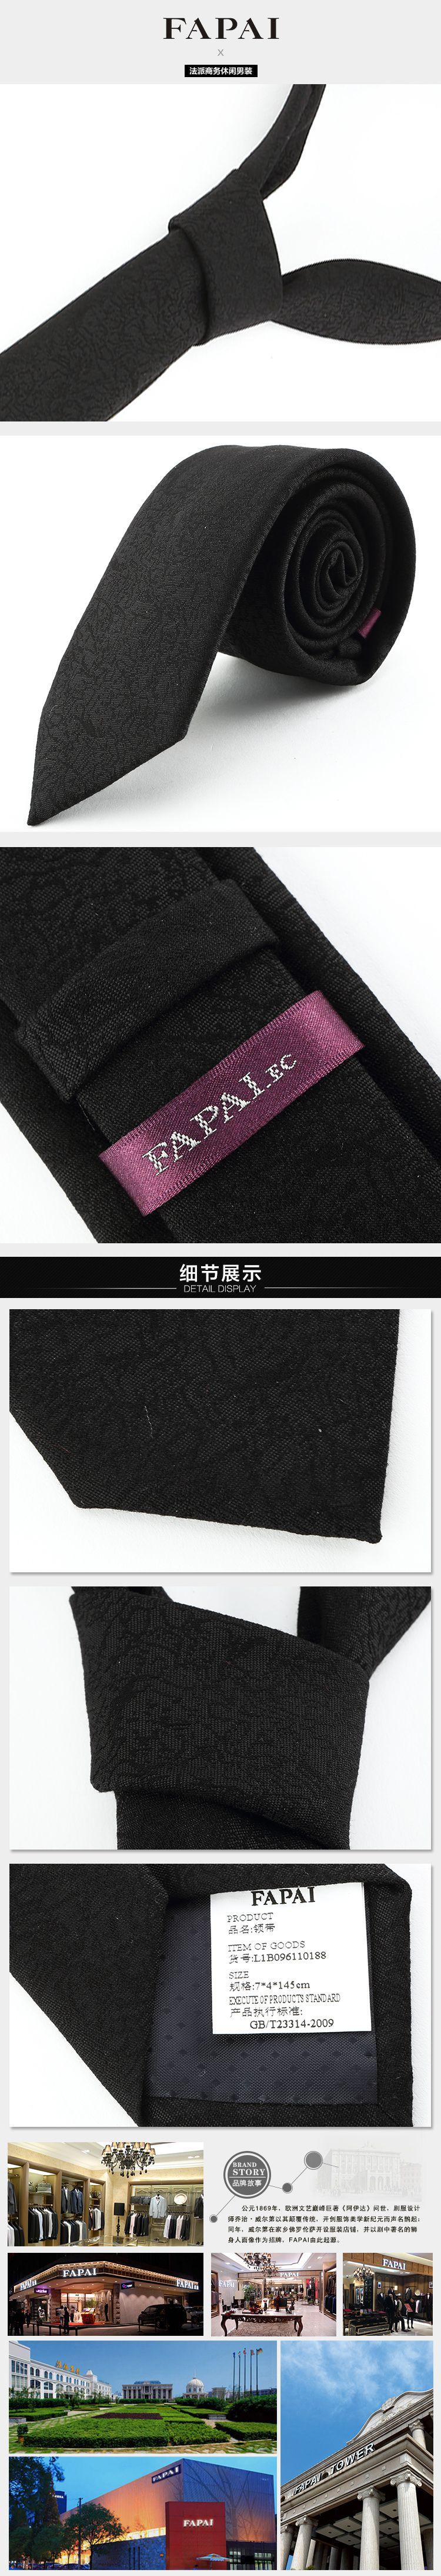 黑色花纹帅气潮流商务领带